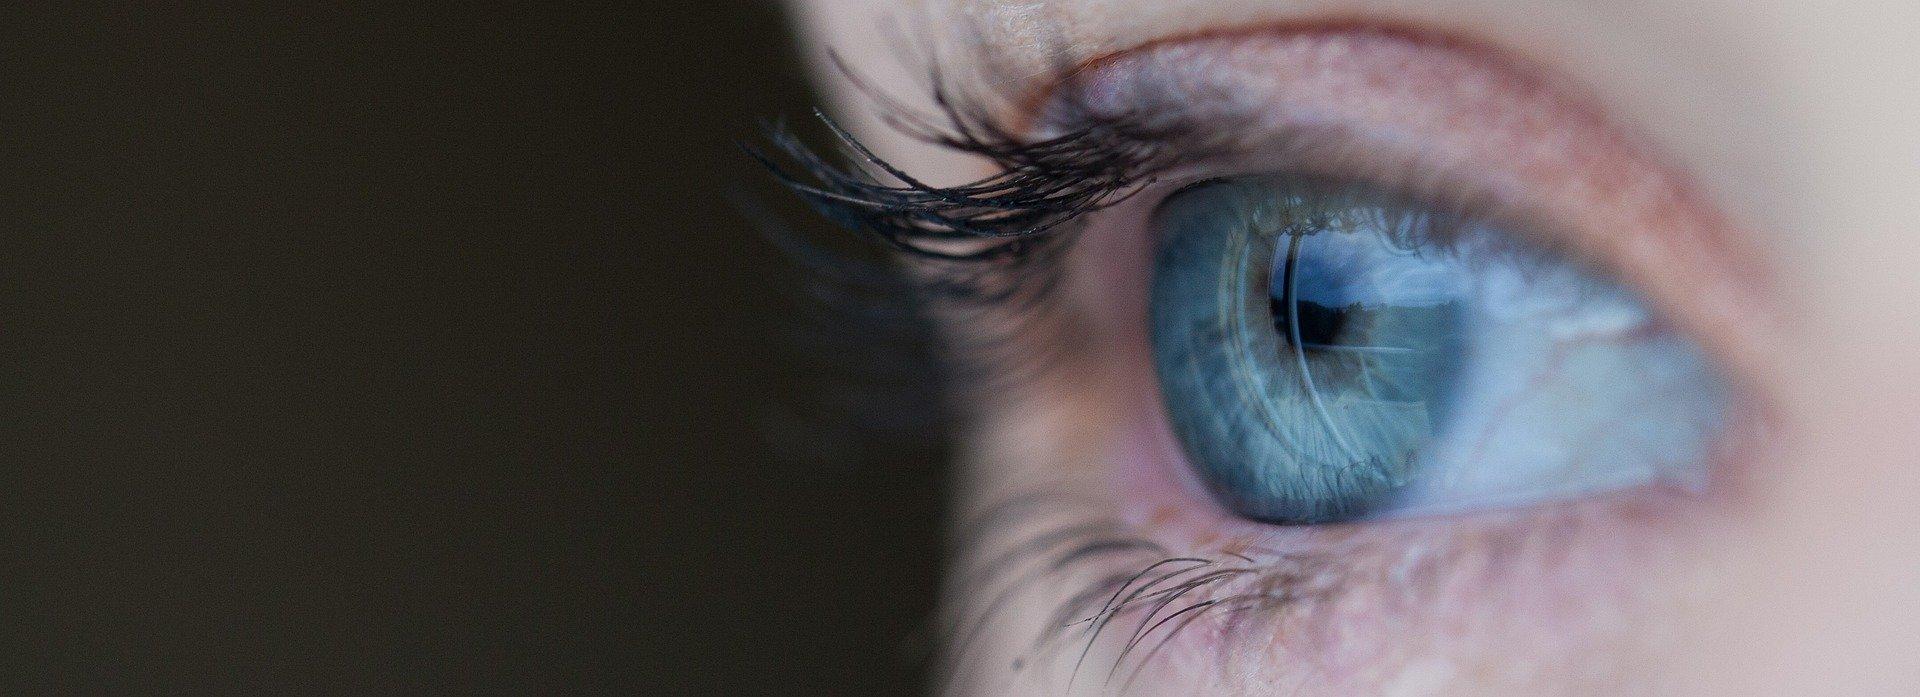 jak zakraplać oczy